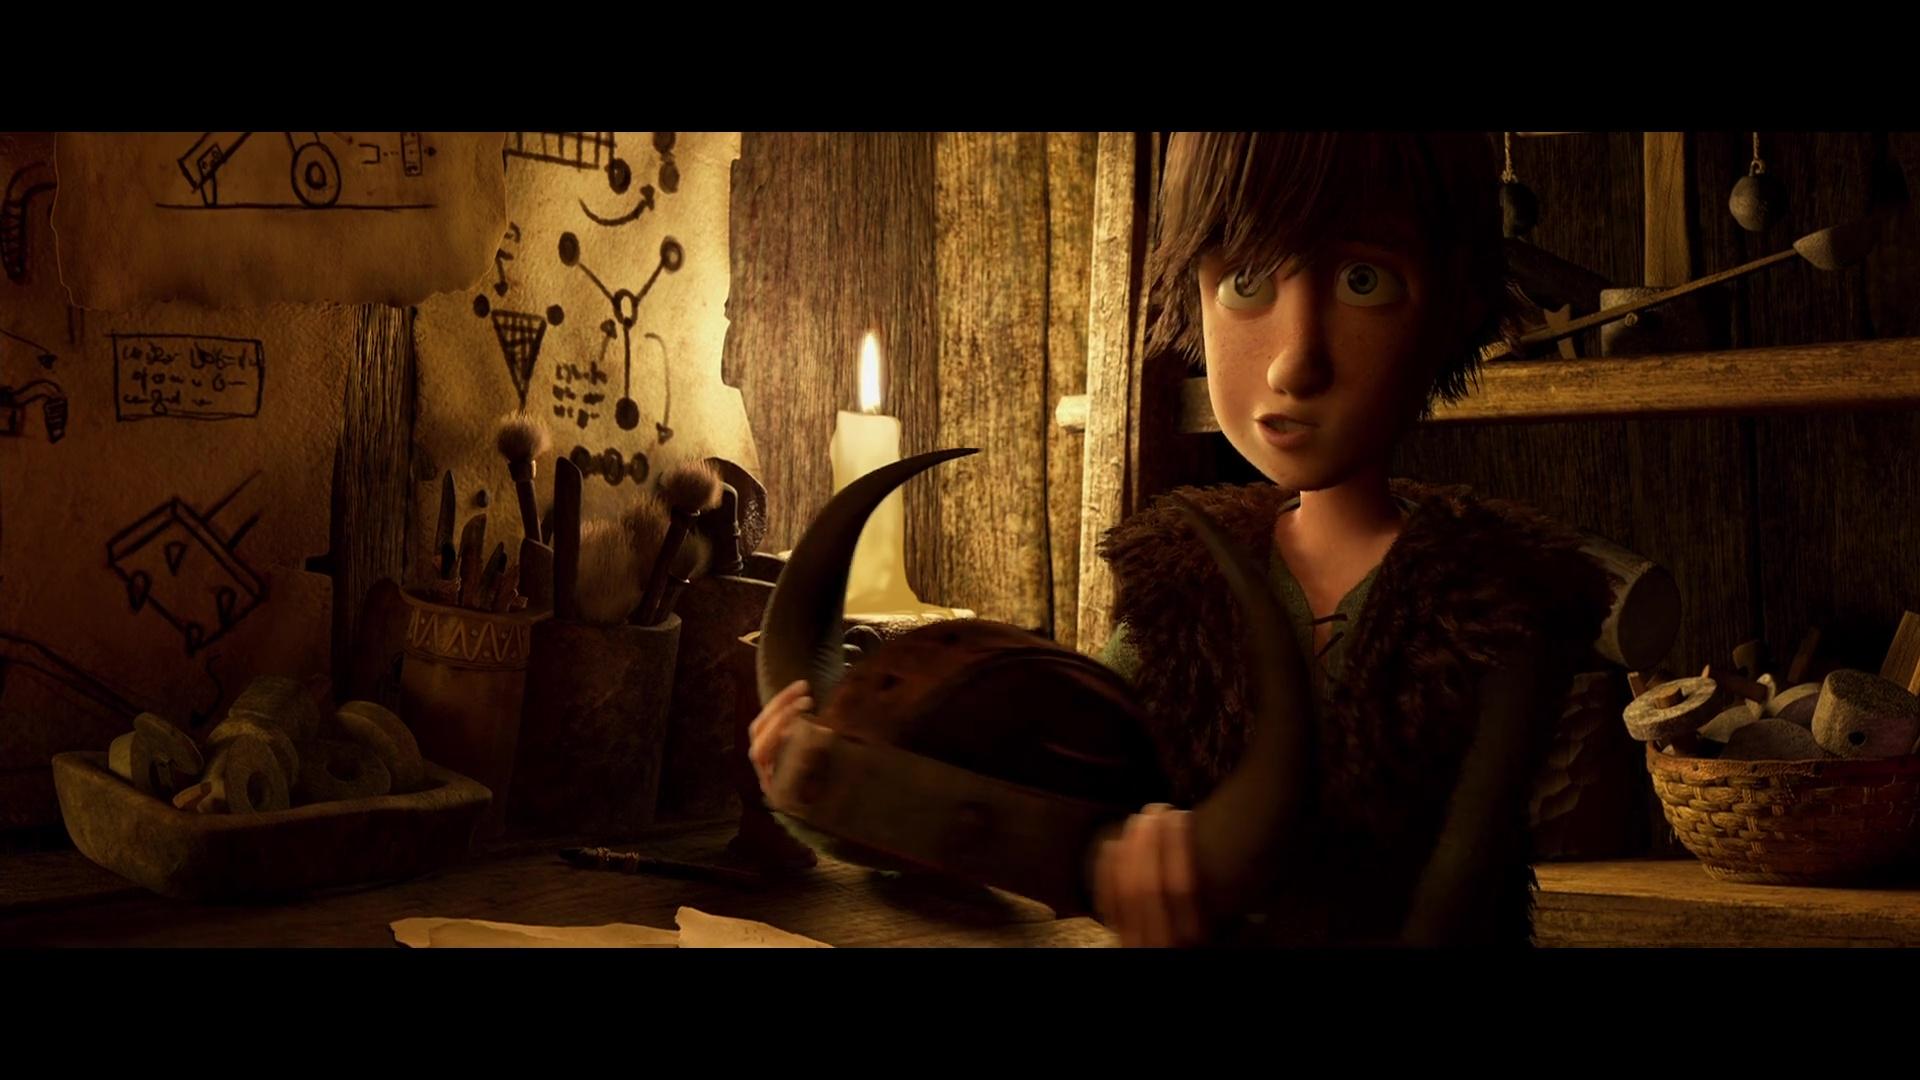 Como Entrenar A Tu Dragon 1080p Lat-Cast-Ing[Animacion](2010)